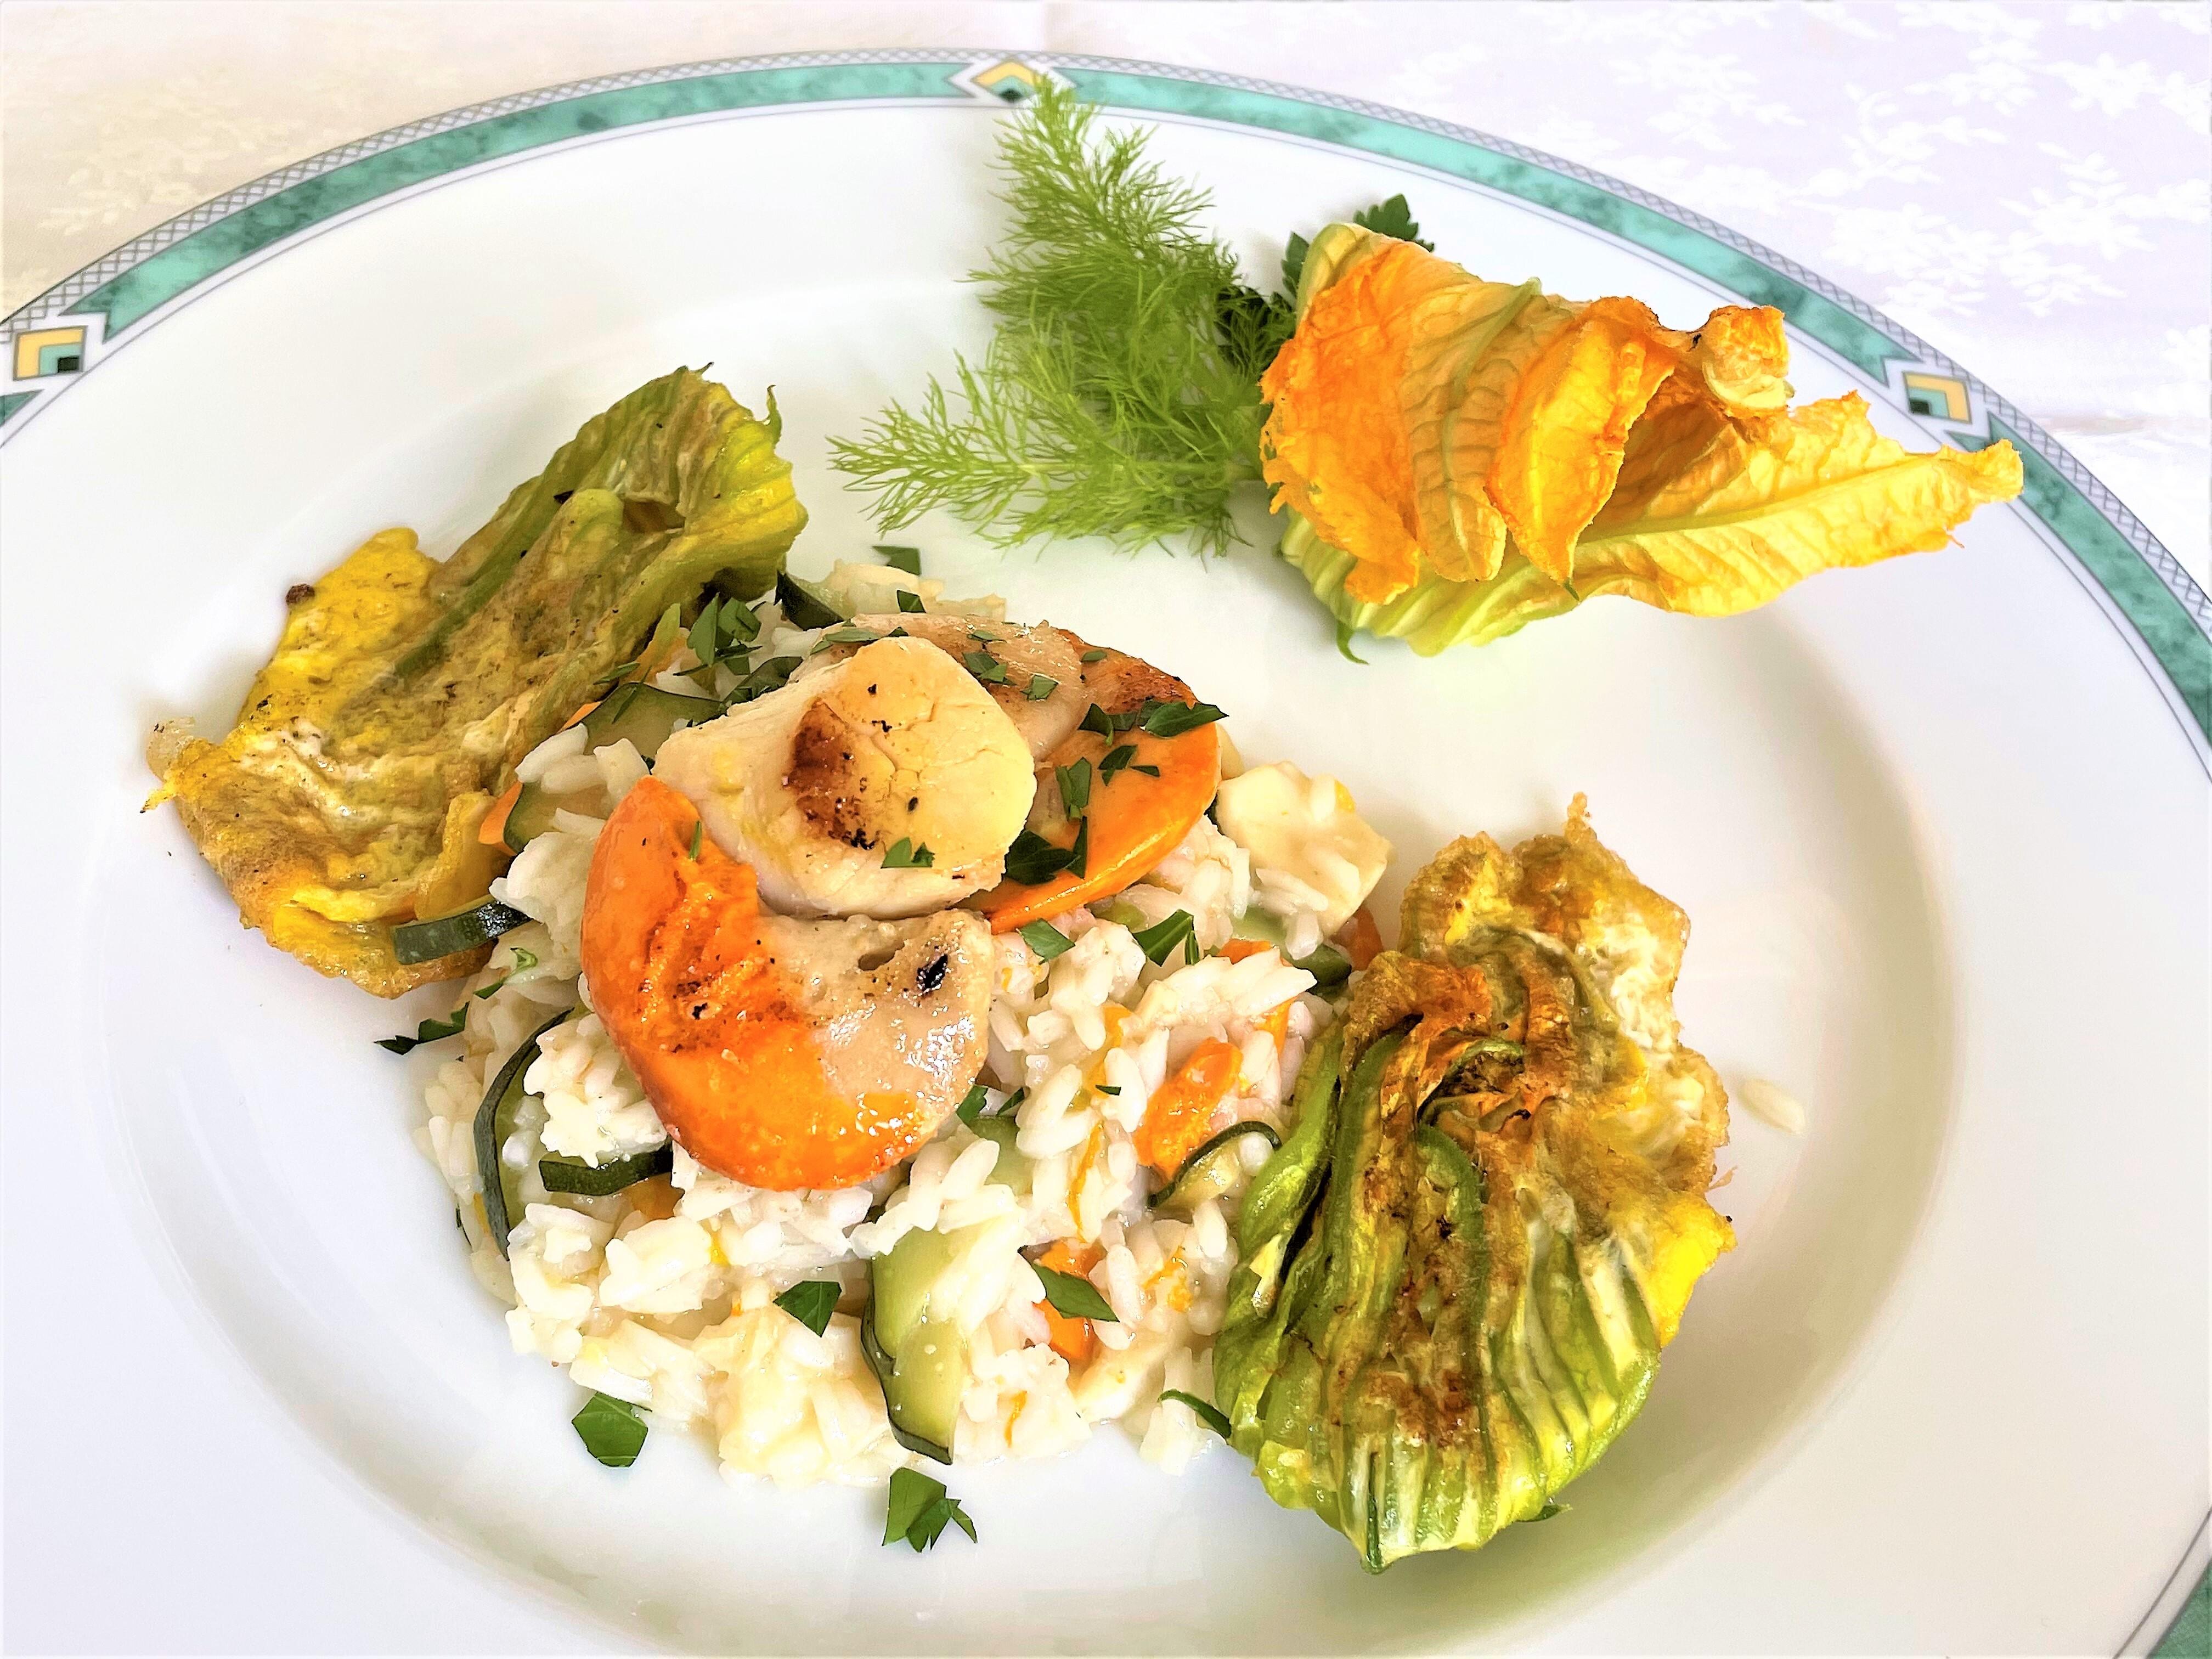 Risotto con cappesante e fiori di zucchina